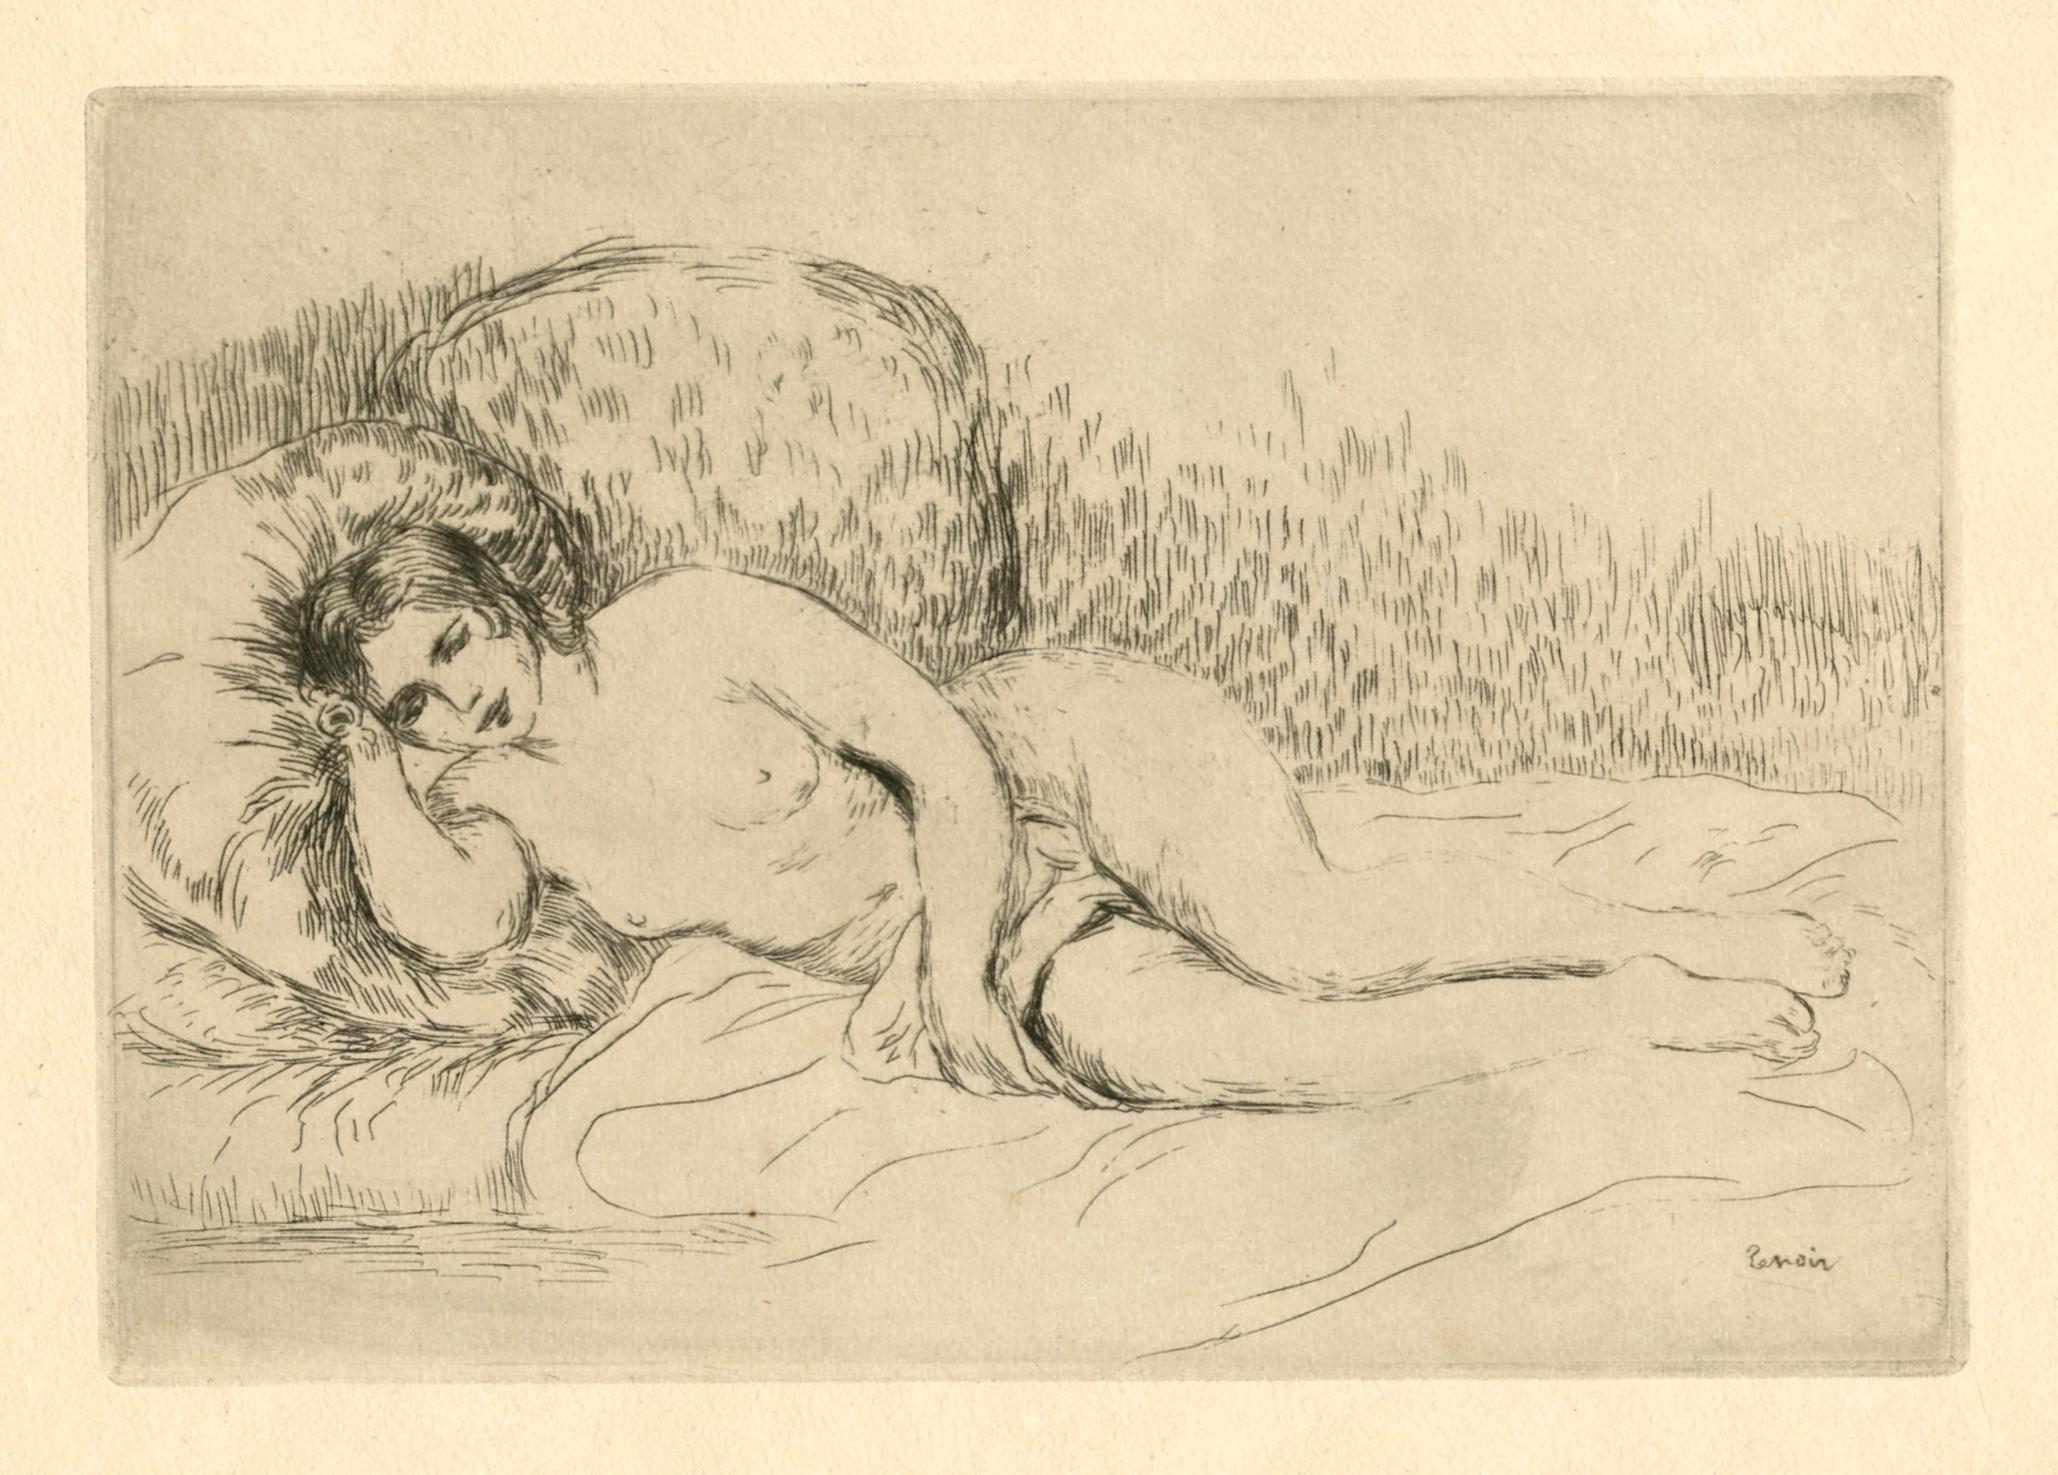 2058x1475 Pierre Auguste Renoir Original Etching Femme Nue Couchee (Tournee